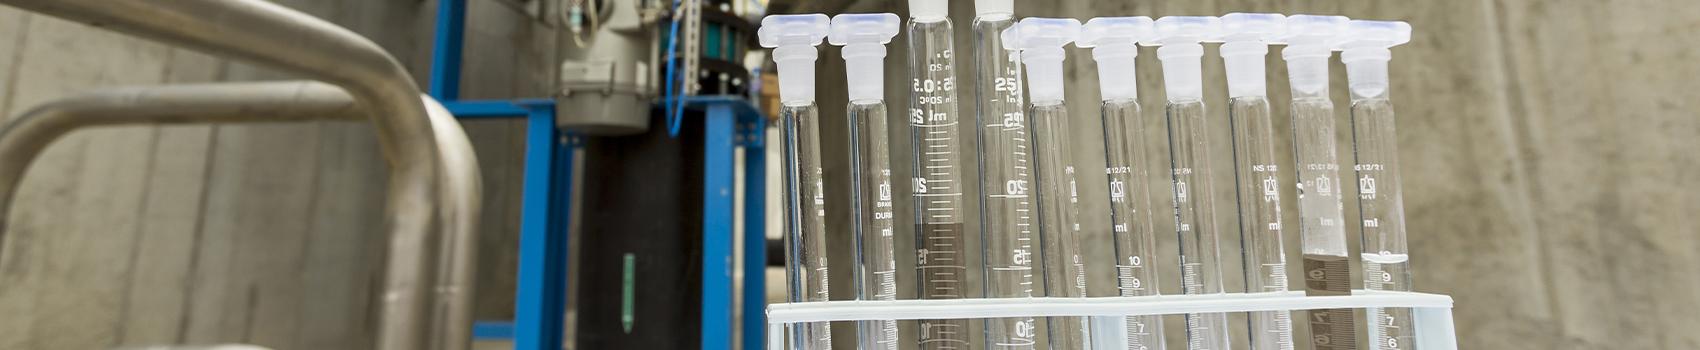 sce-domaine-traitement-de-l-eau_1700x350